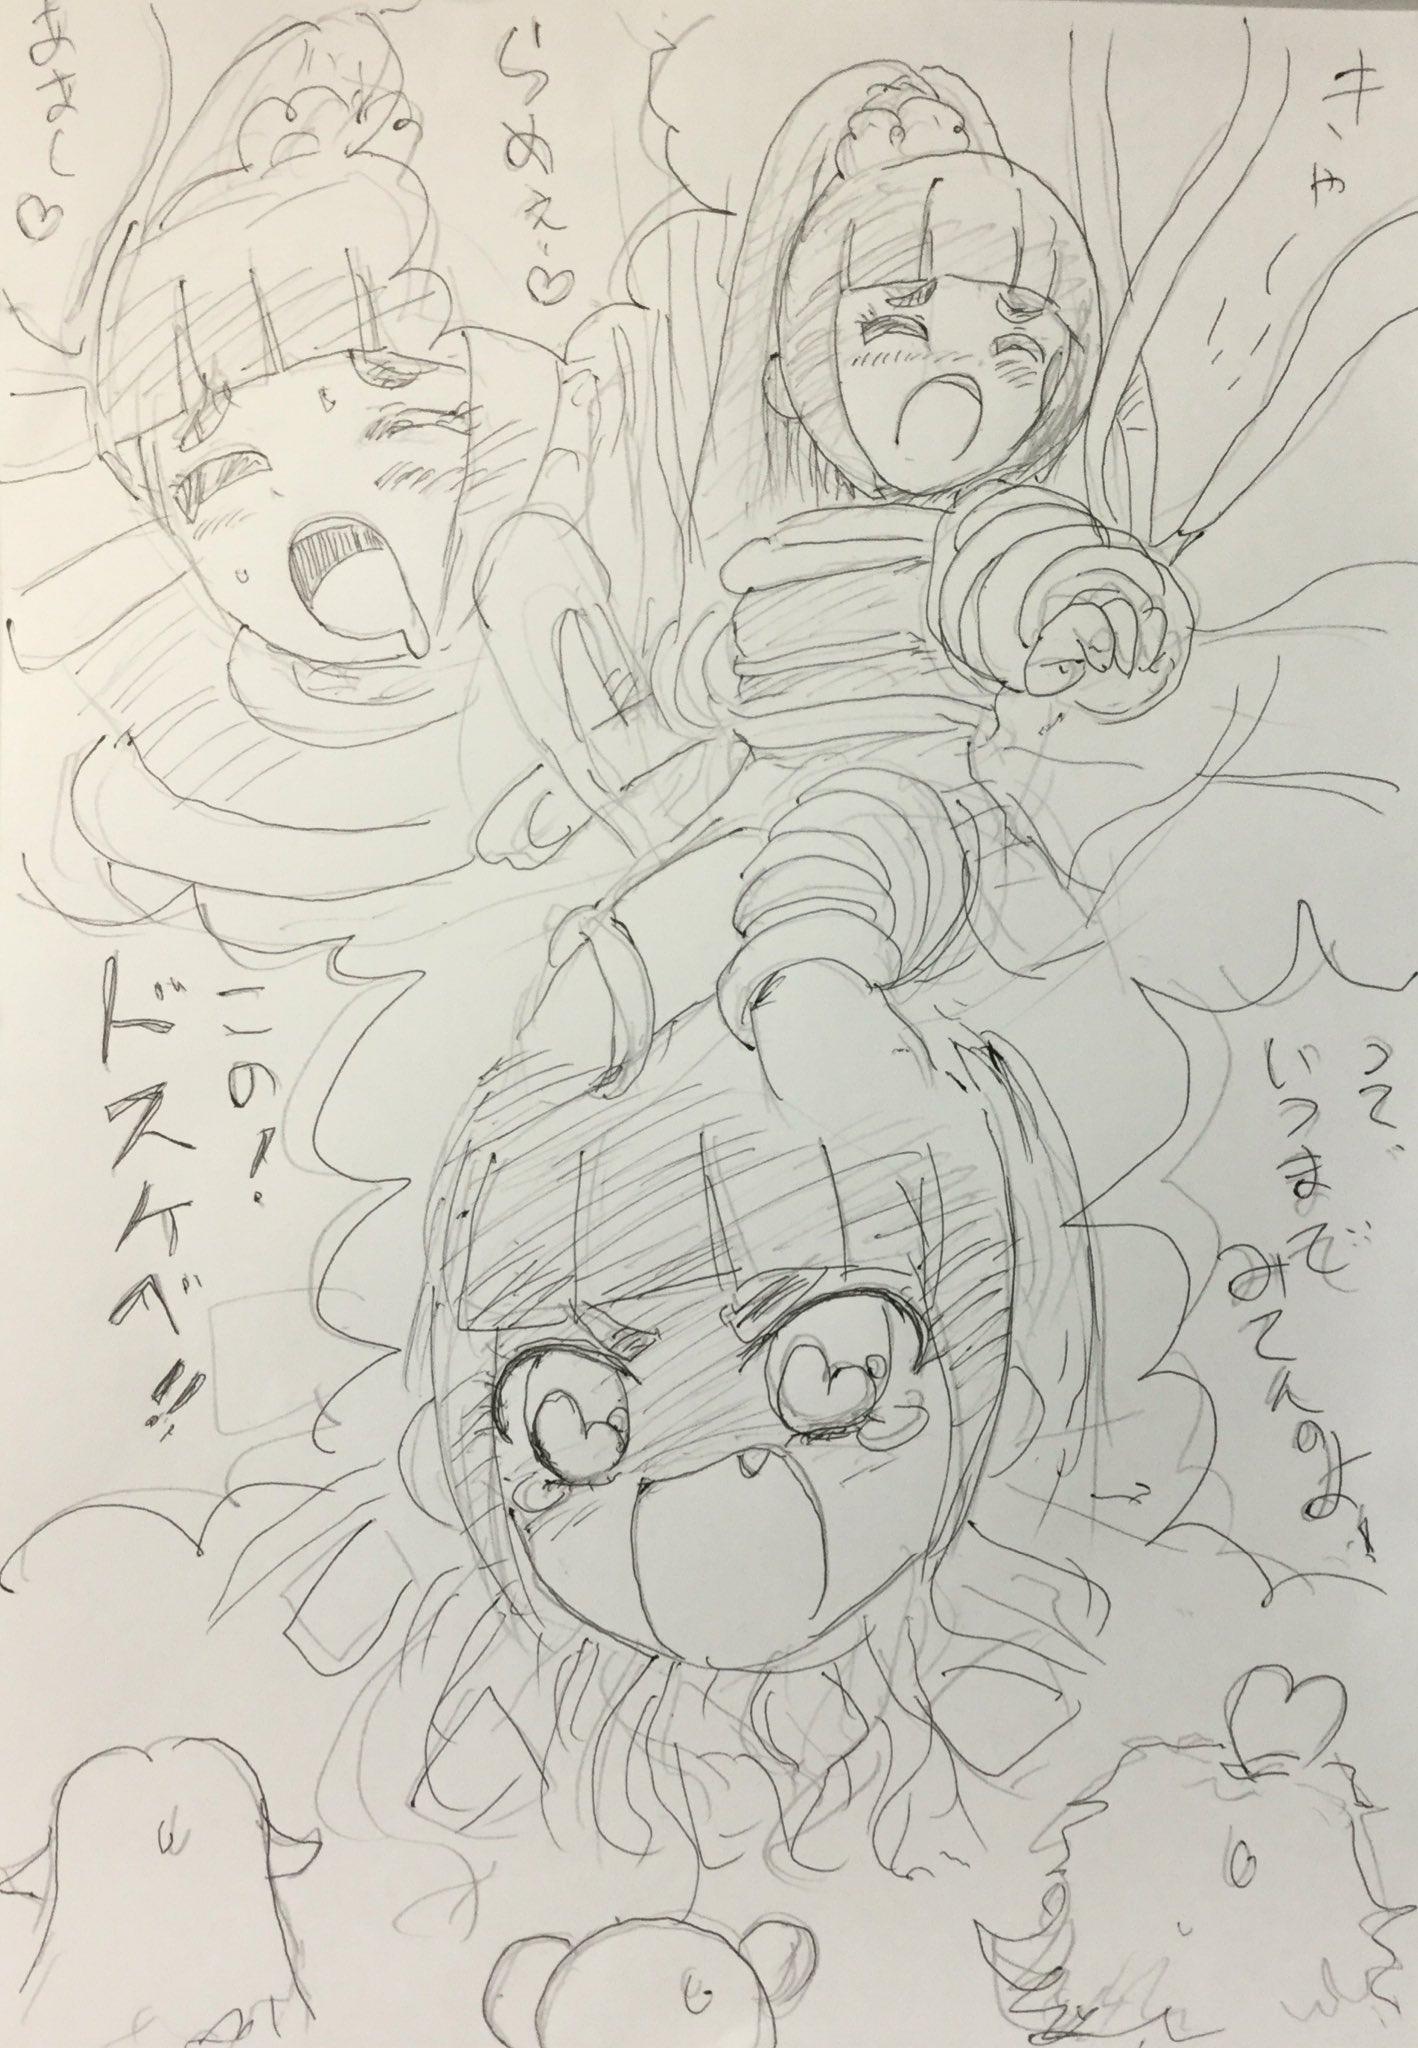 矢☆印 (@yajiru4)さんのイラスト